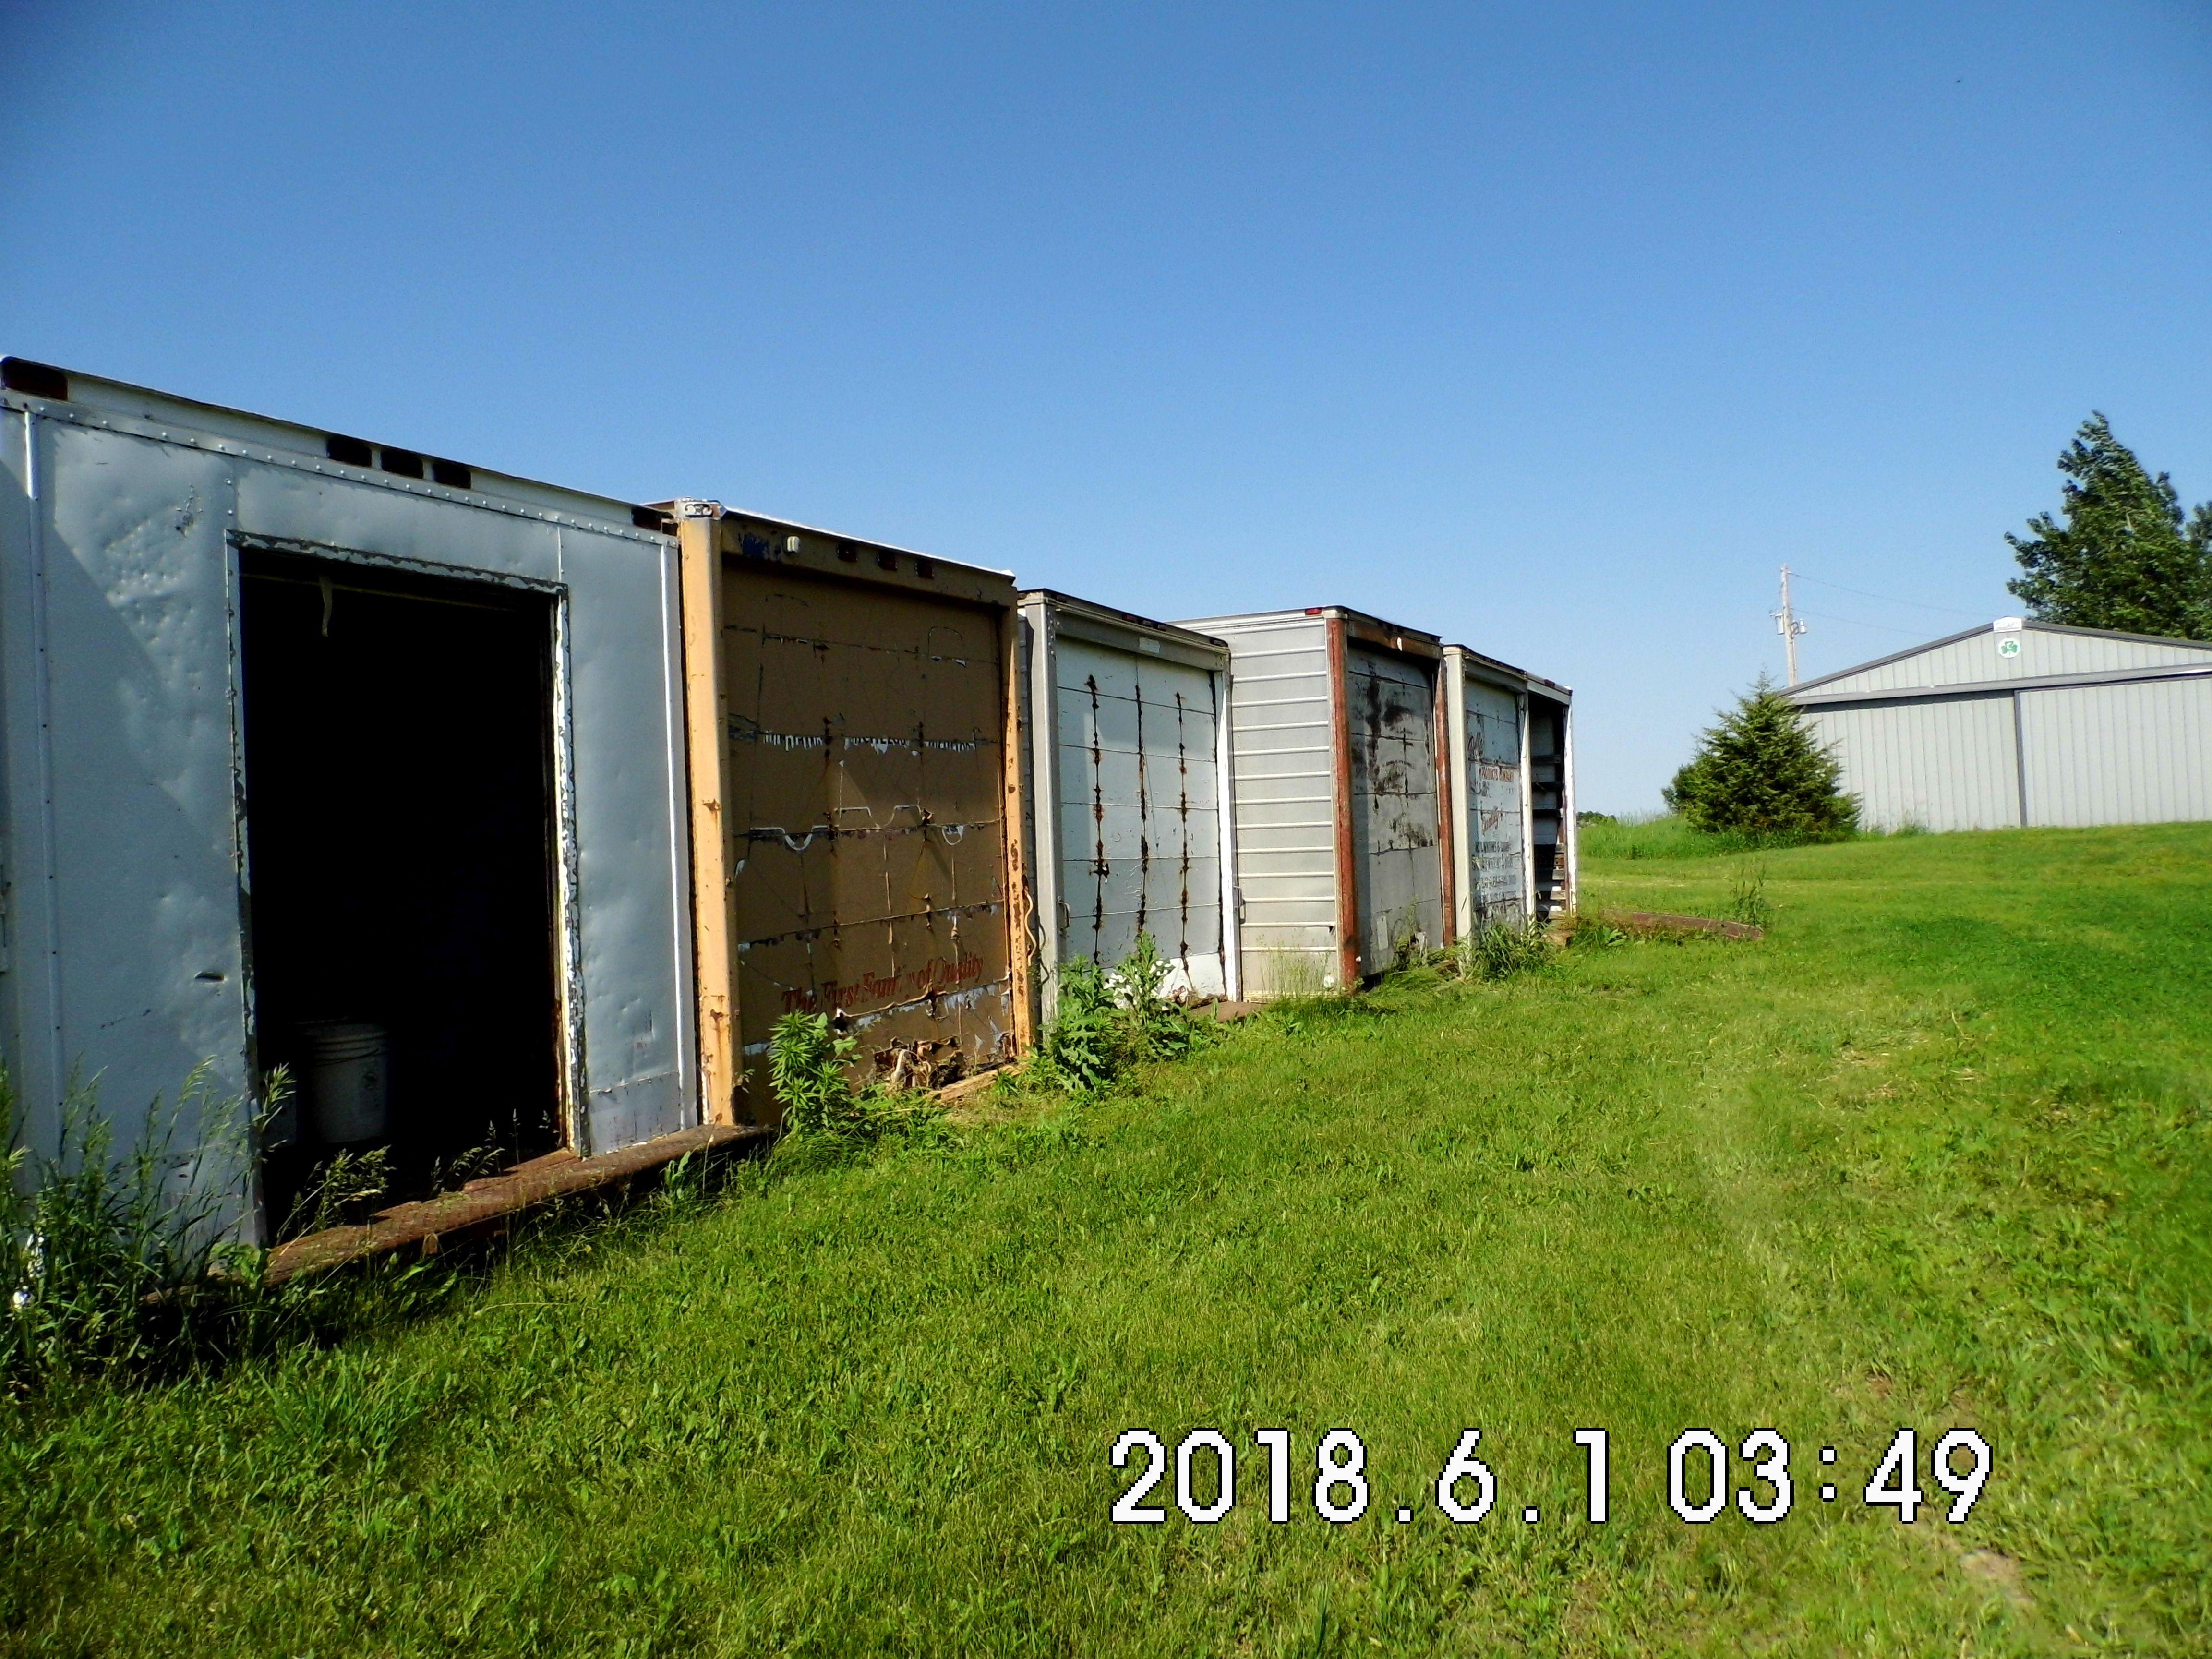 11.1 Storage van bodies